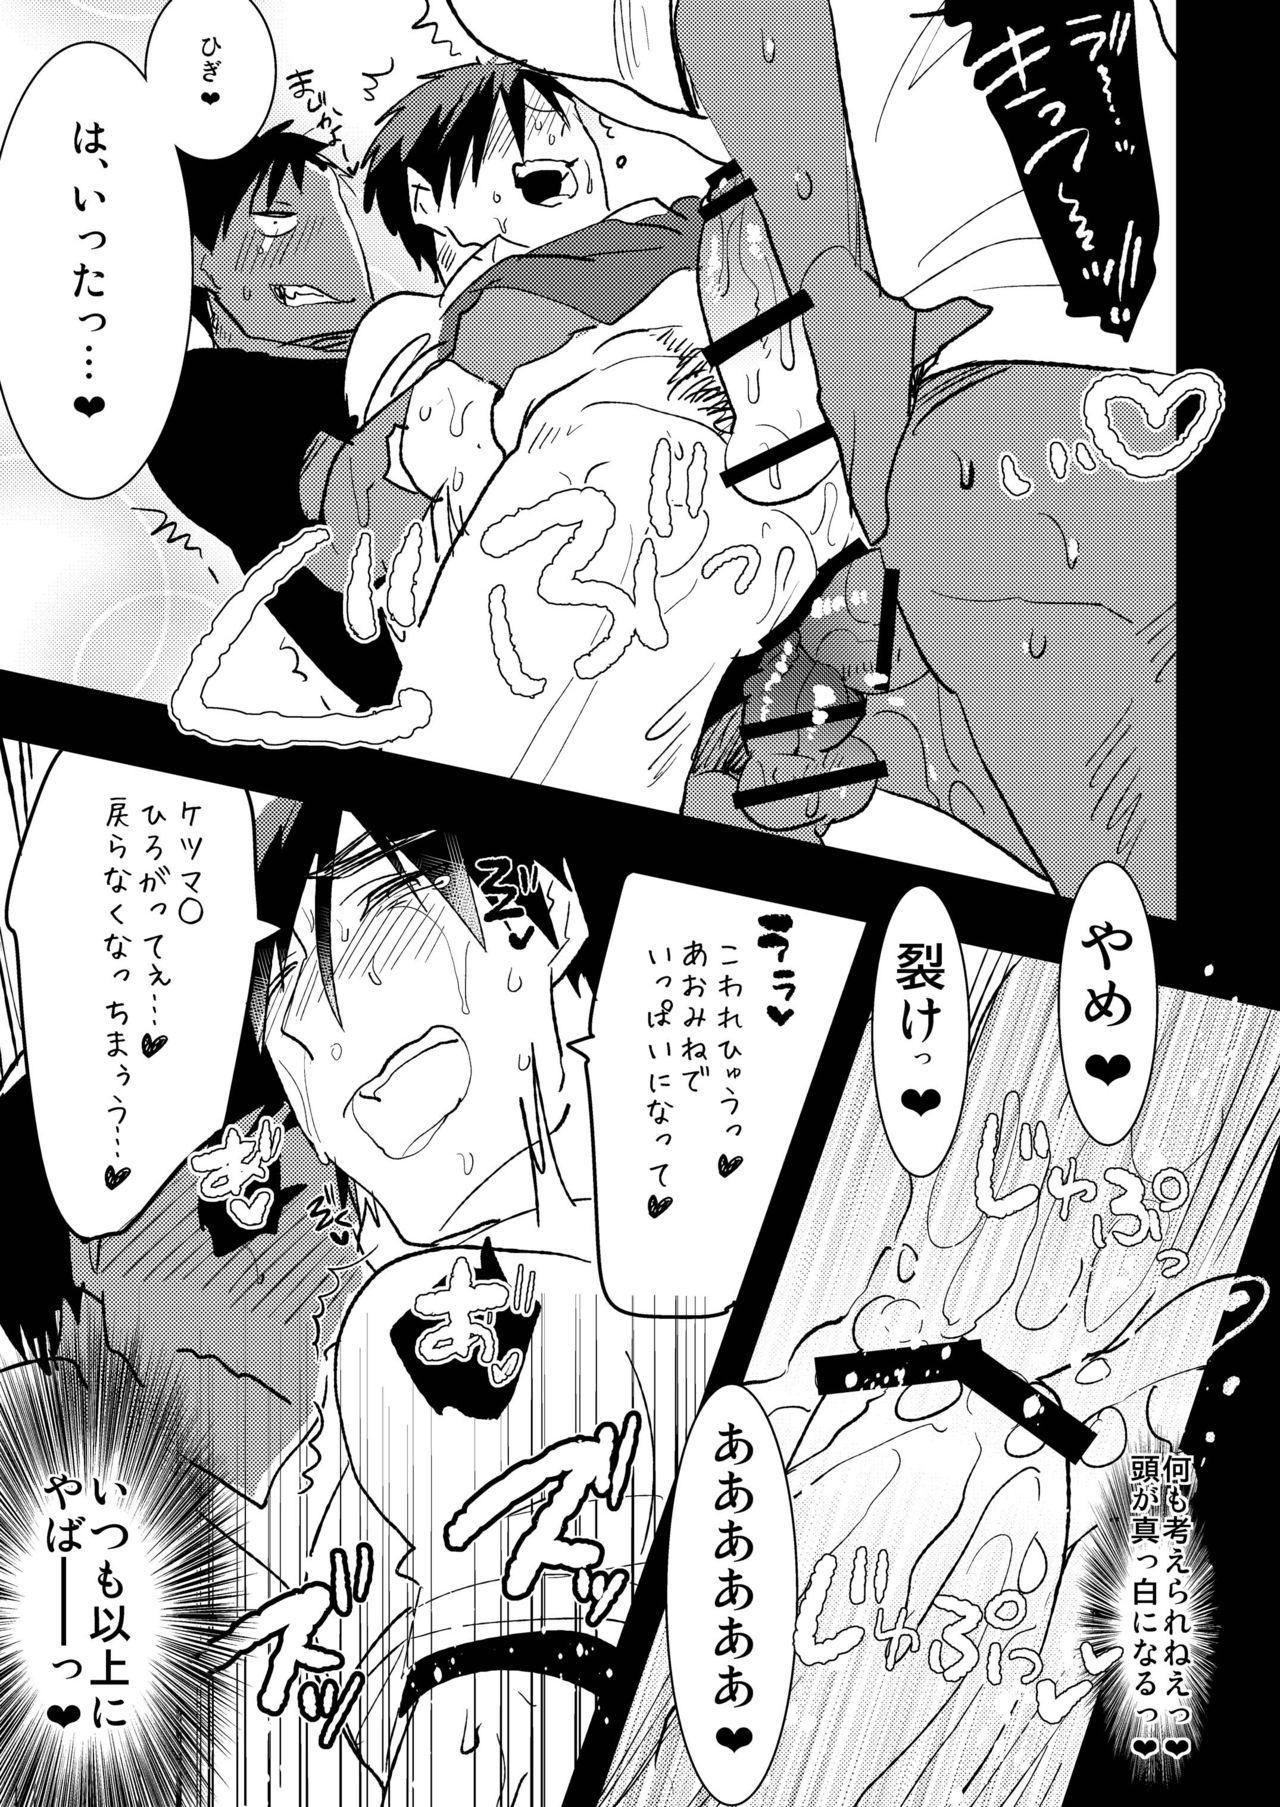 [archea (Sasagawa Nagaru)] Otona no Aomine-kun to (Seiteki ni) Asobou (Kuroko no Basuke) [Digital] 17